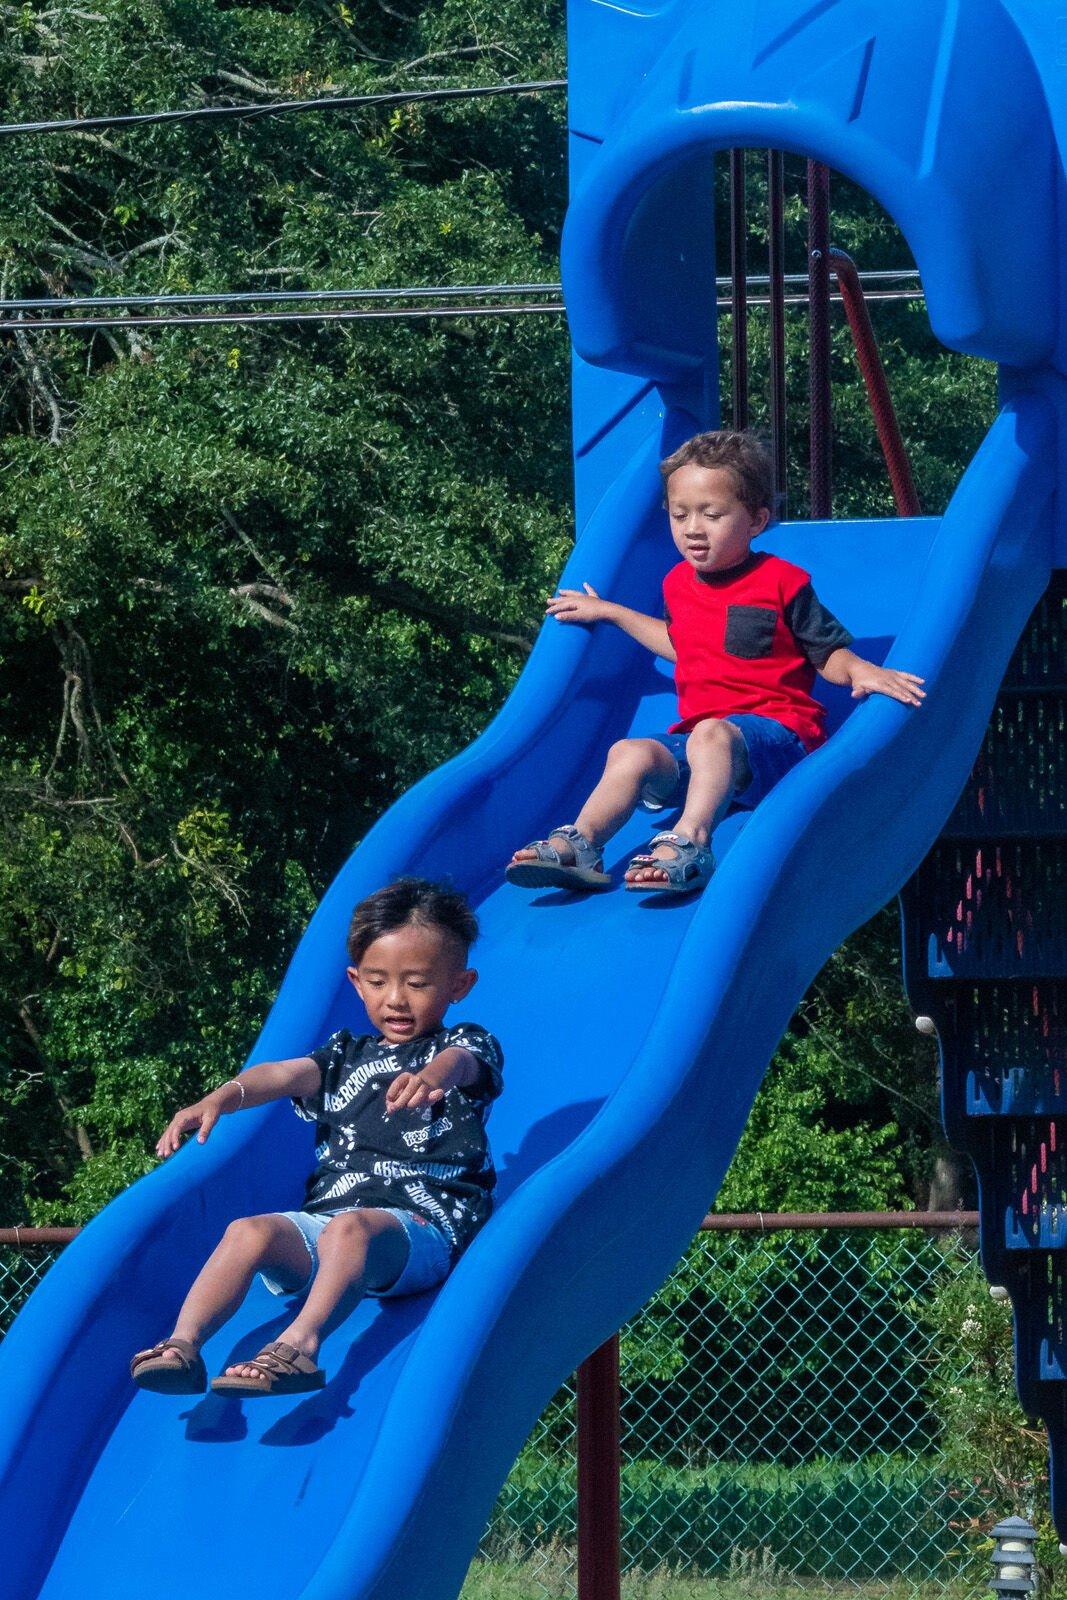 Frankford Public Library Summer Reading Kick-off - Kids on the slide-SLam-9197.jpg